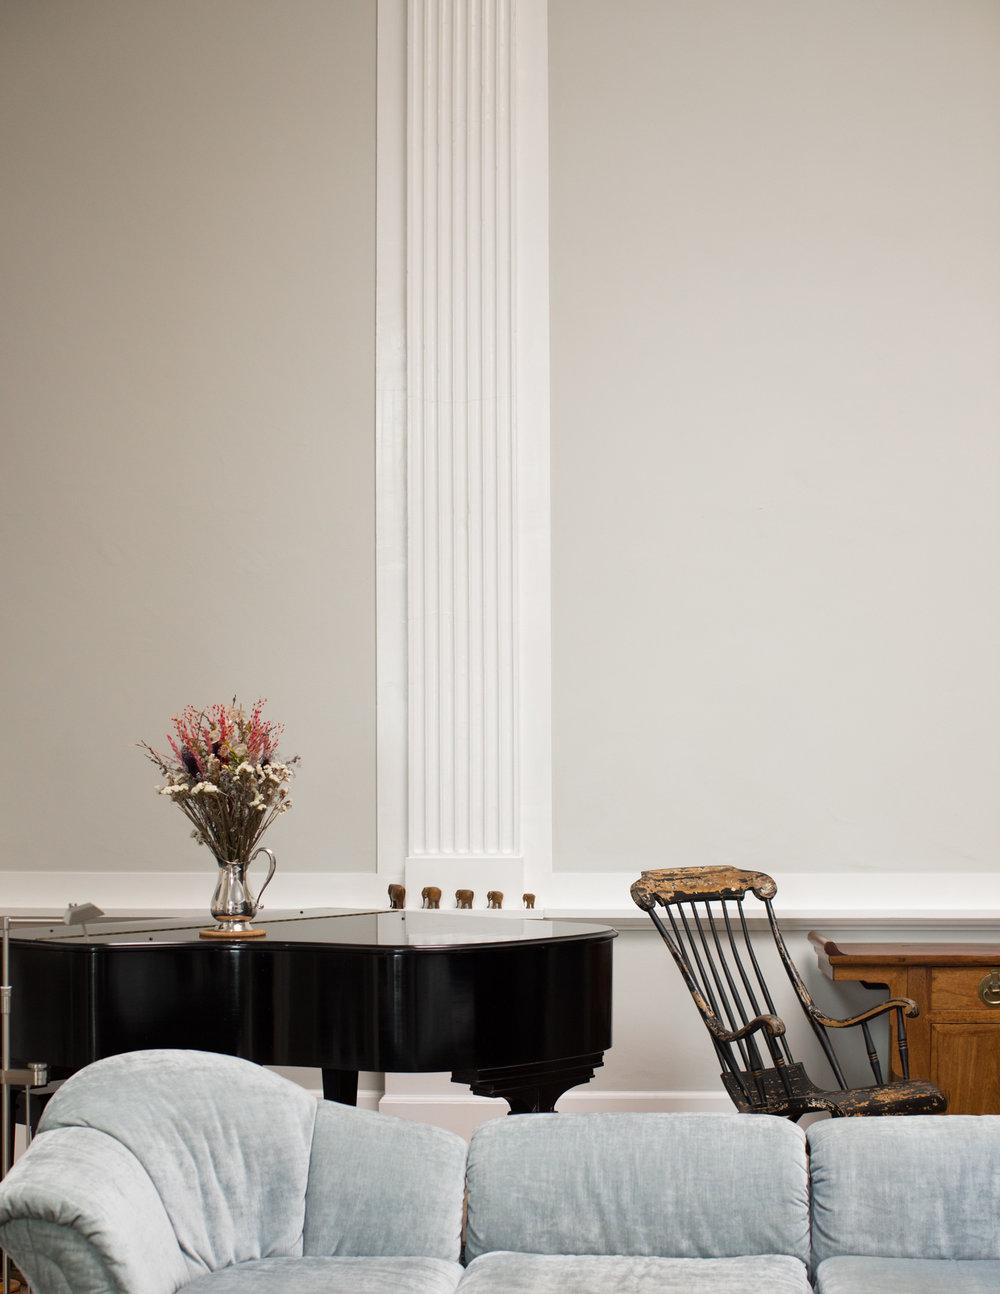 Piano Alcove in Recital Hall